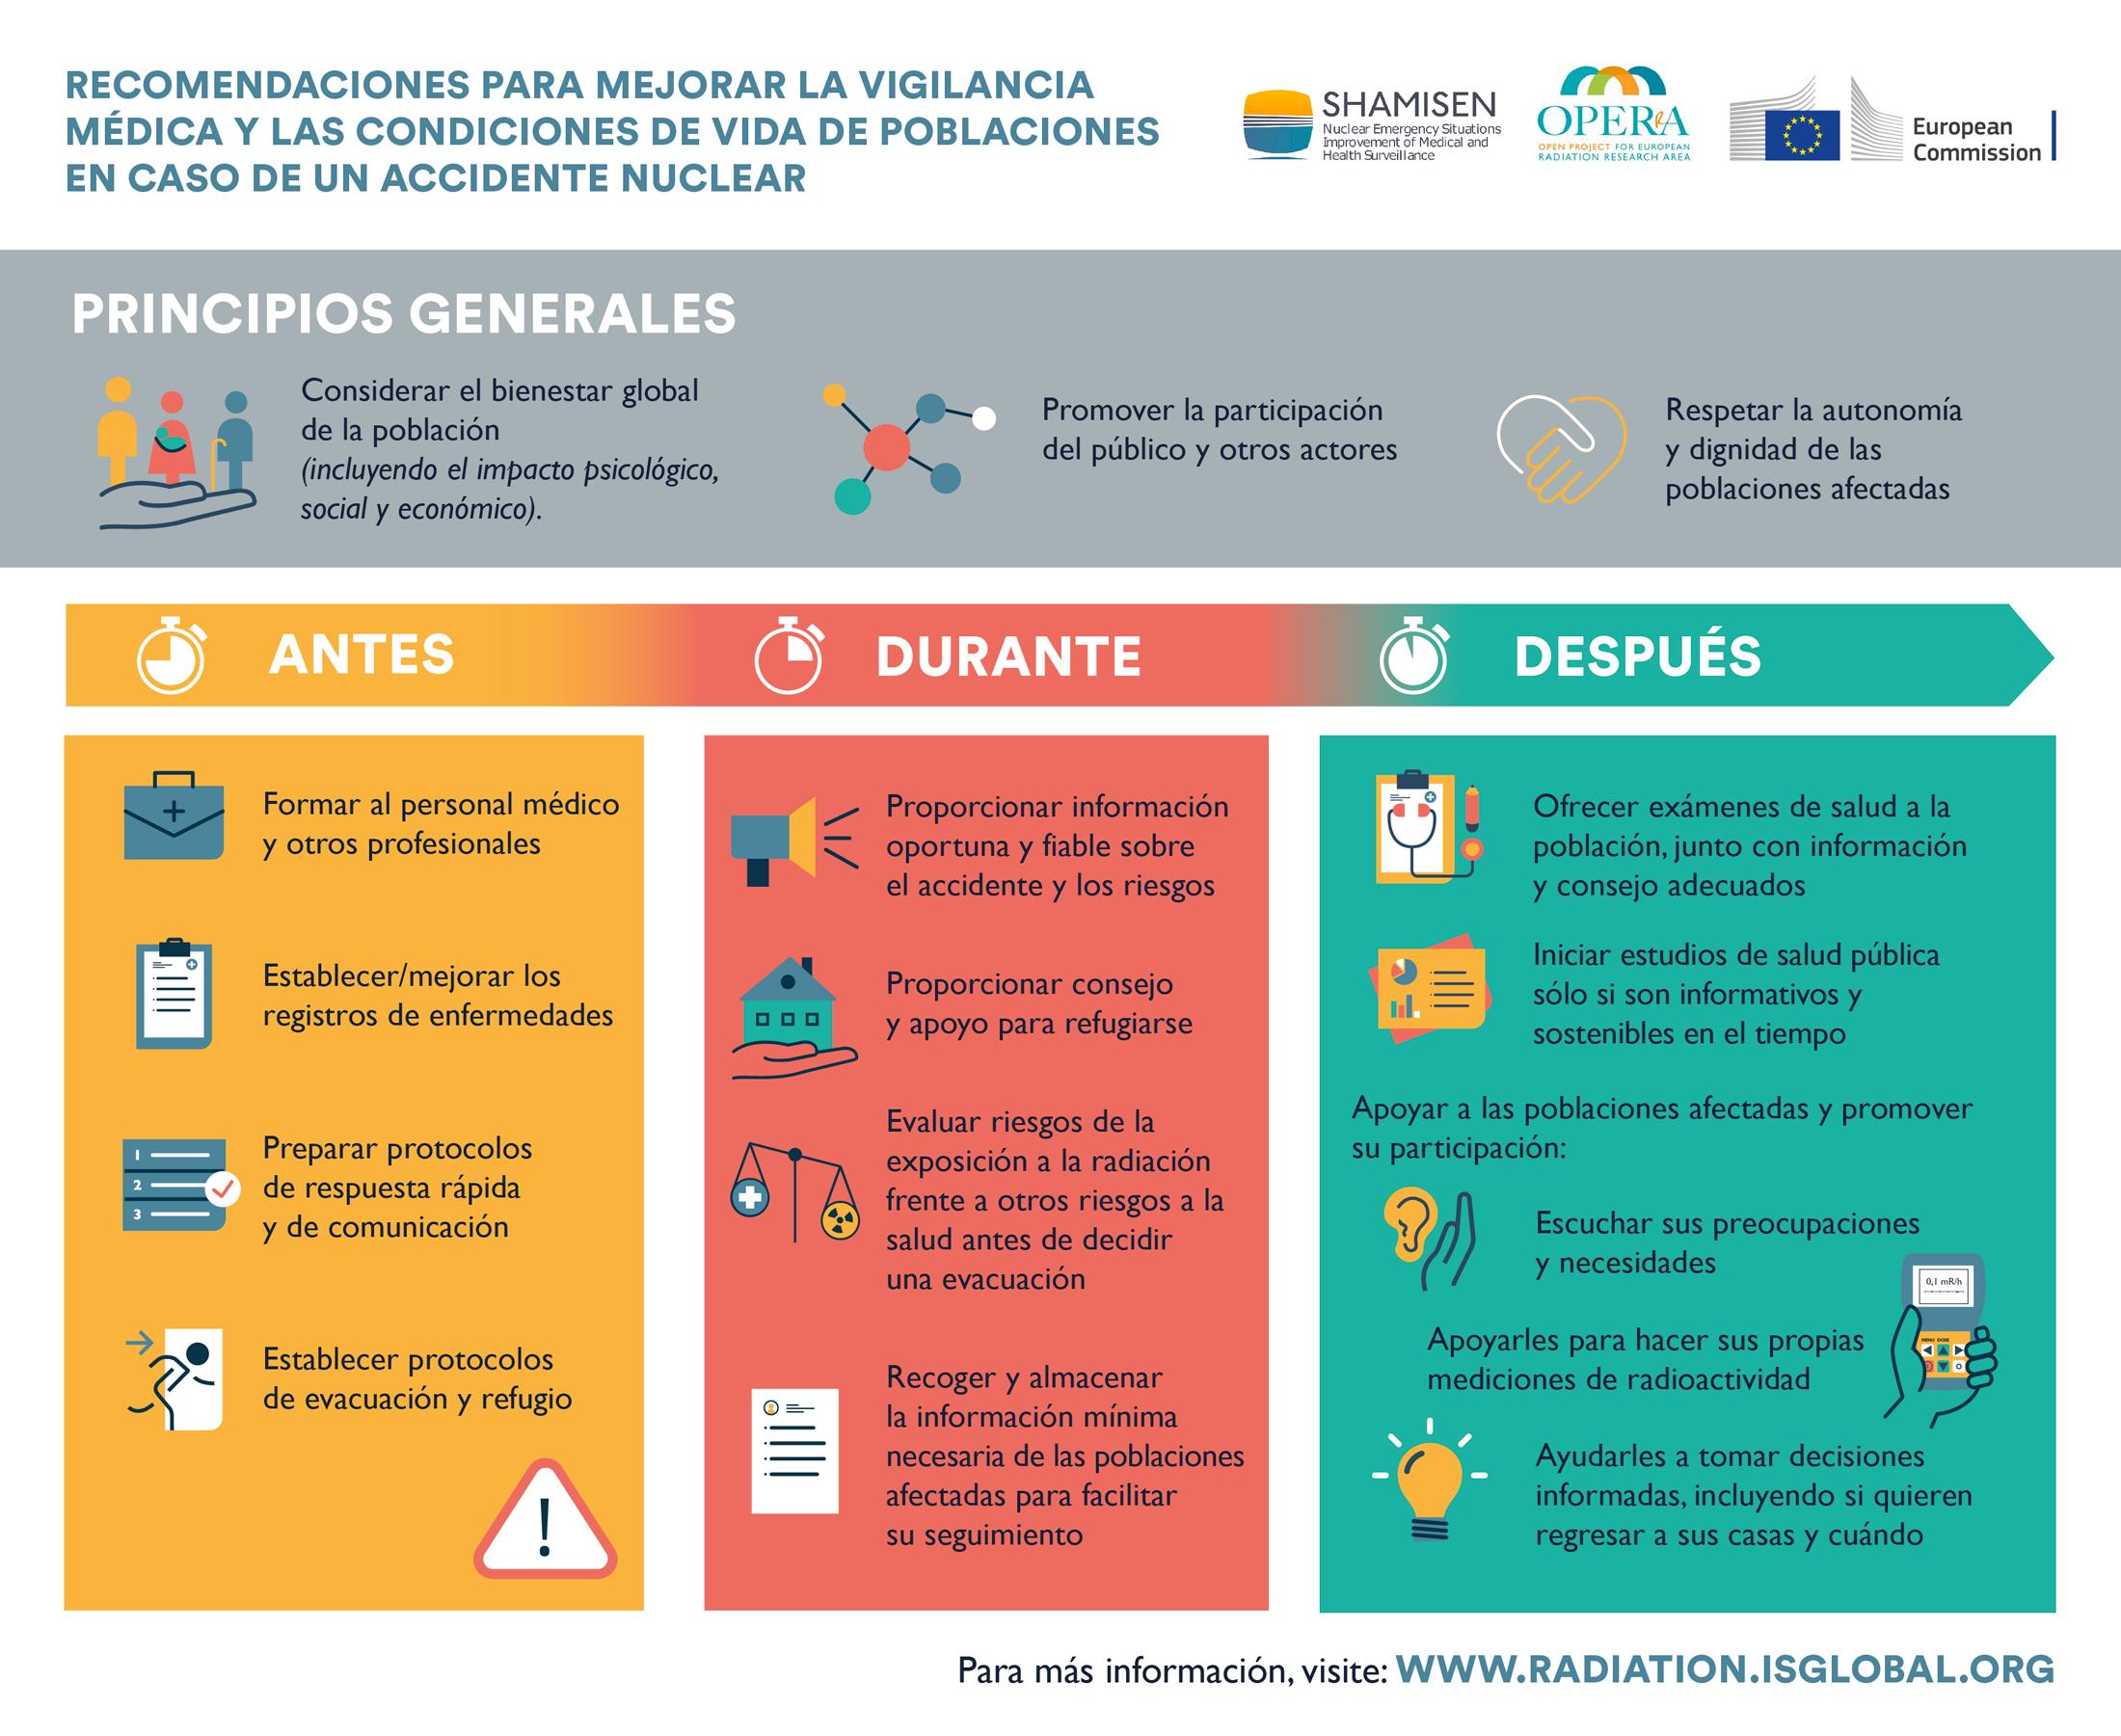 Infografía Recomendaciones para mejorar la vigilancia médica y las condiciones de vida de poblaciones en caso de accidente nuclear